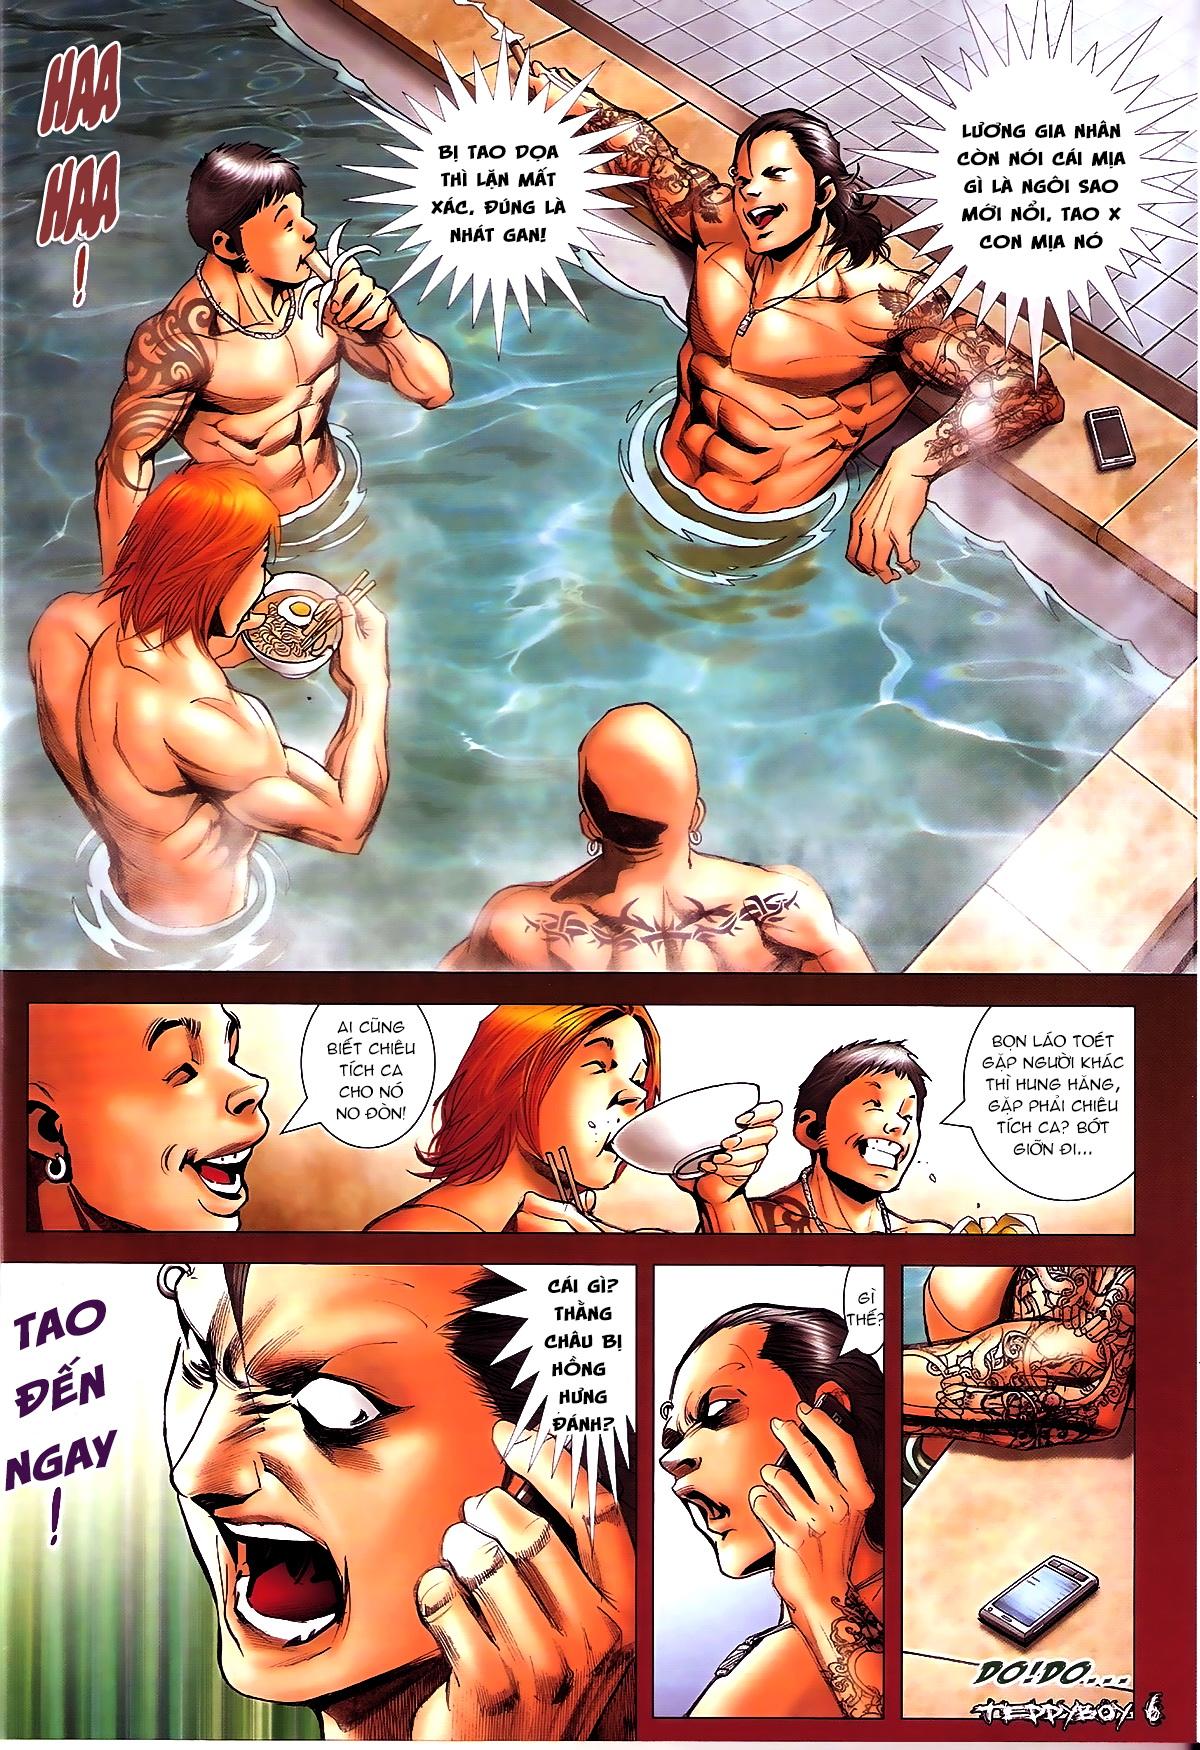 Người Trong Giang Hồ NetTruyen chap 1338 - Trang 5